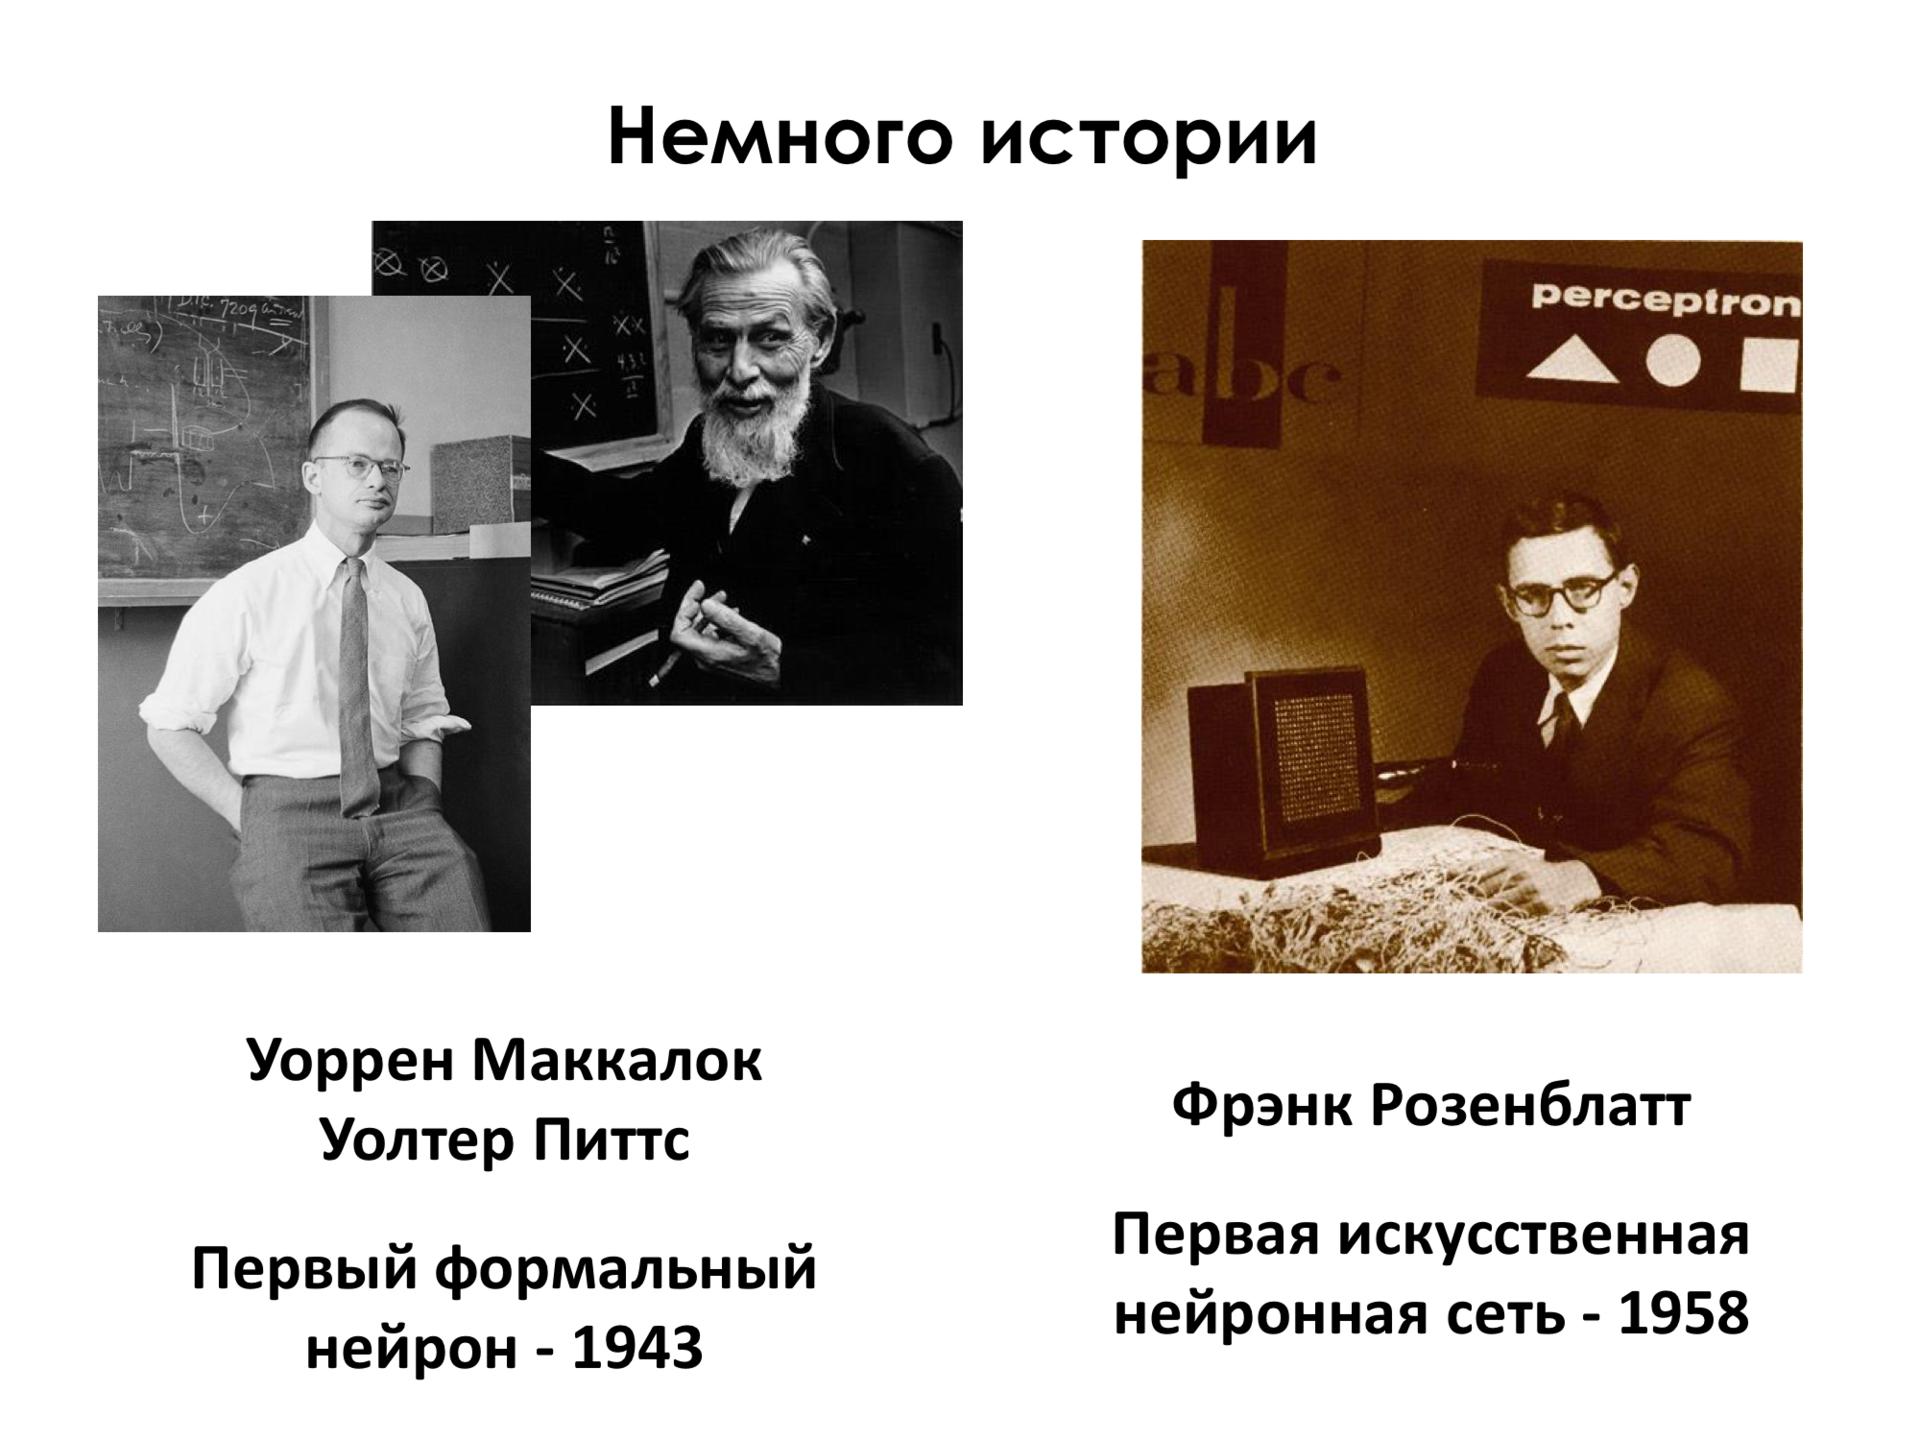 Самое главное о нейронных сетях. Лекция в Яндексе - 8